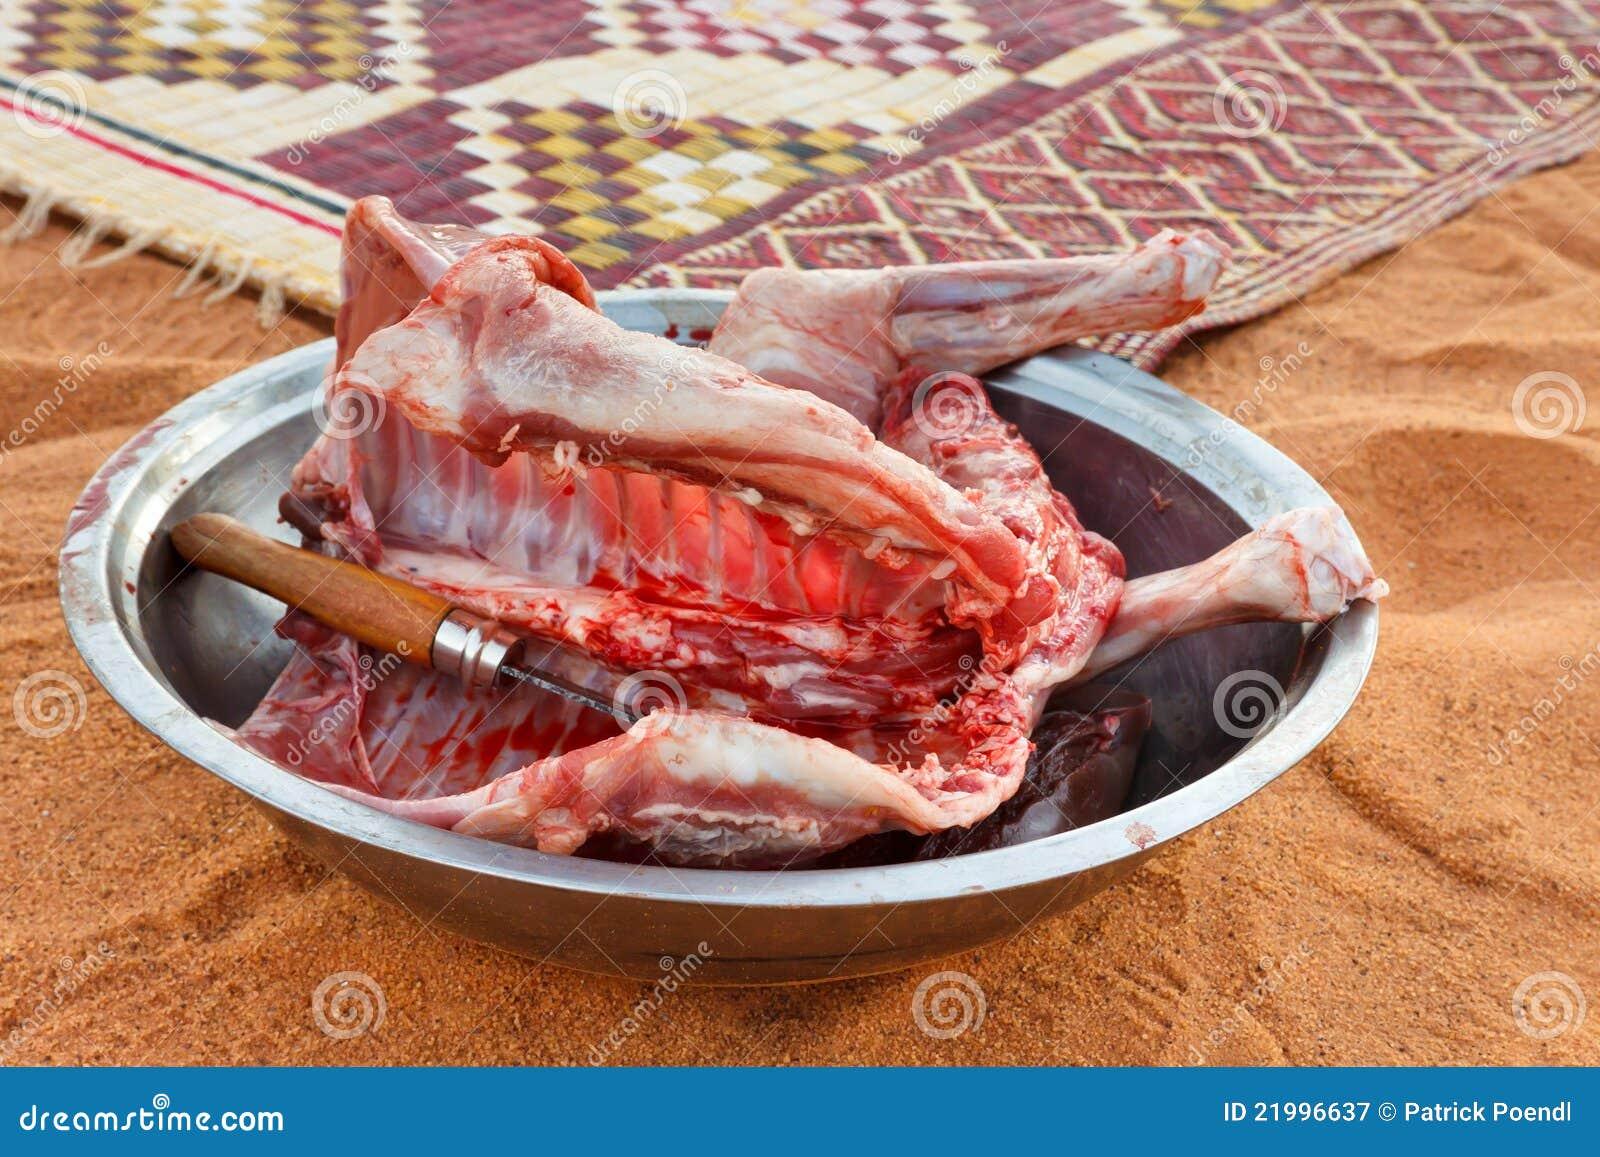 Viande de chèvre frais abattue